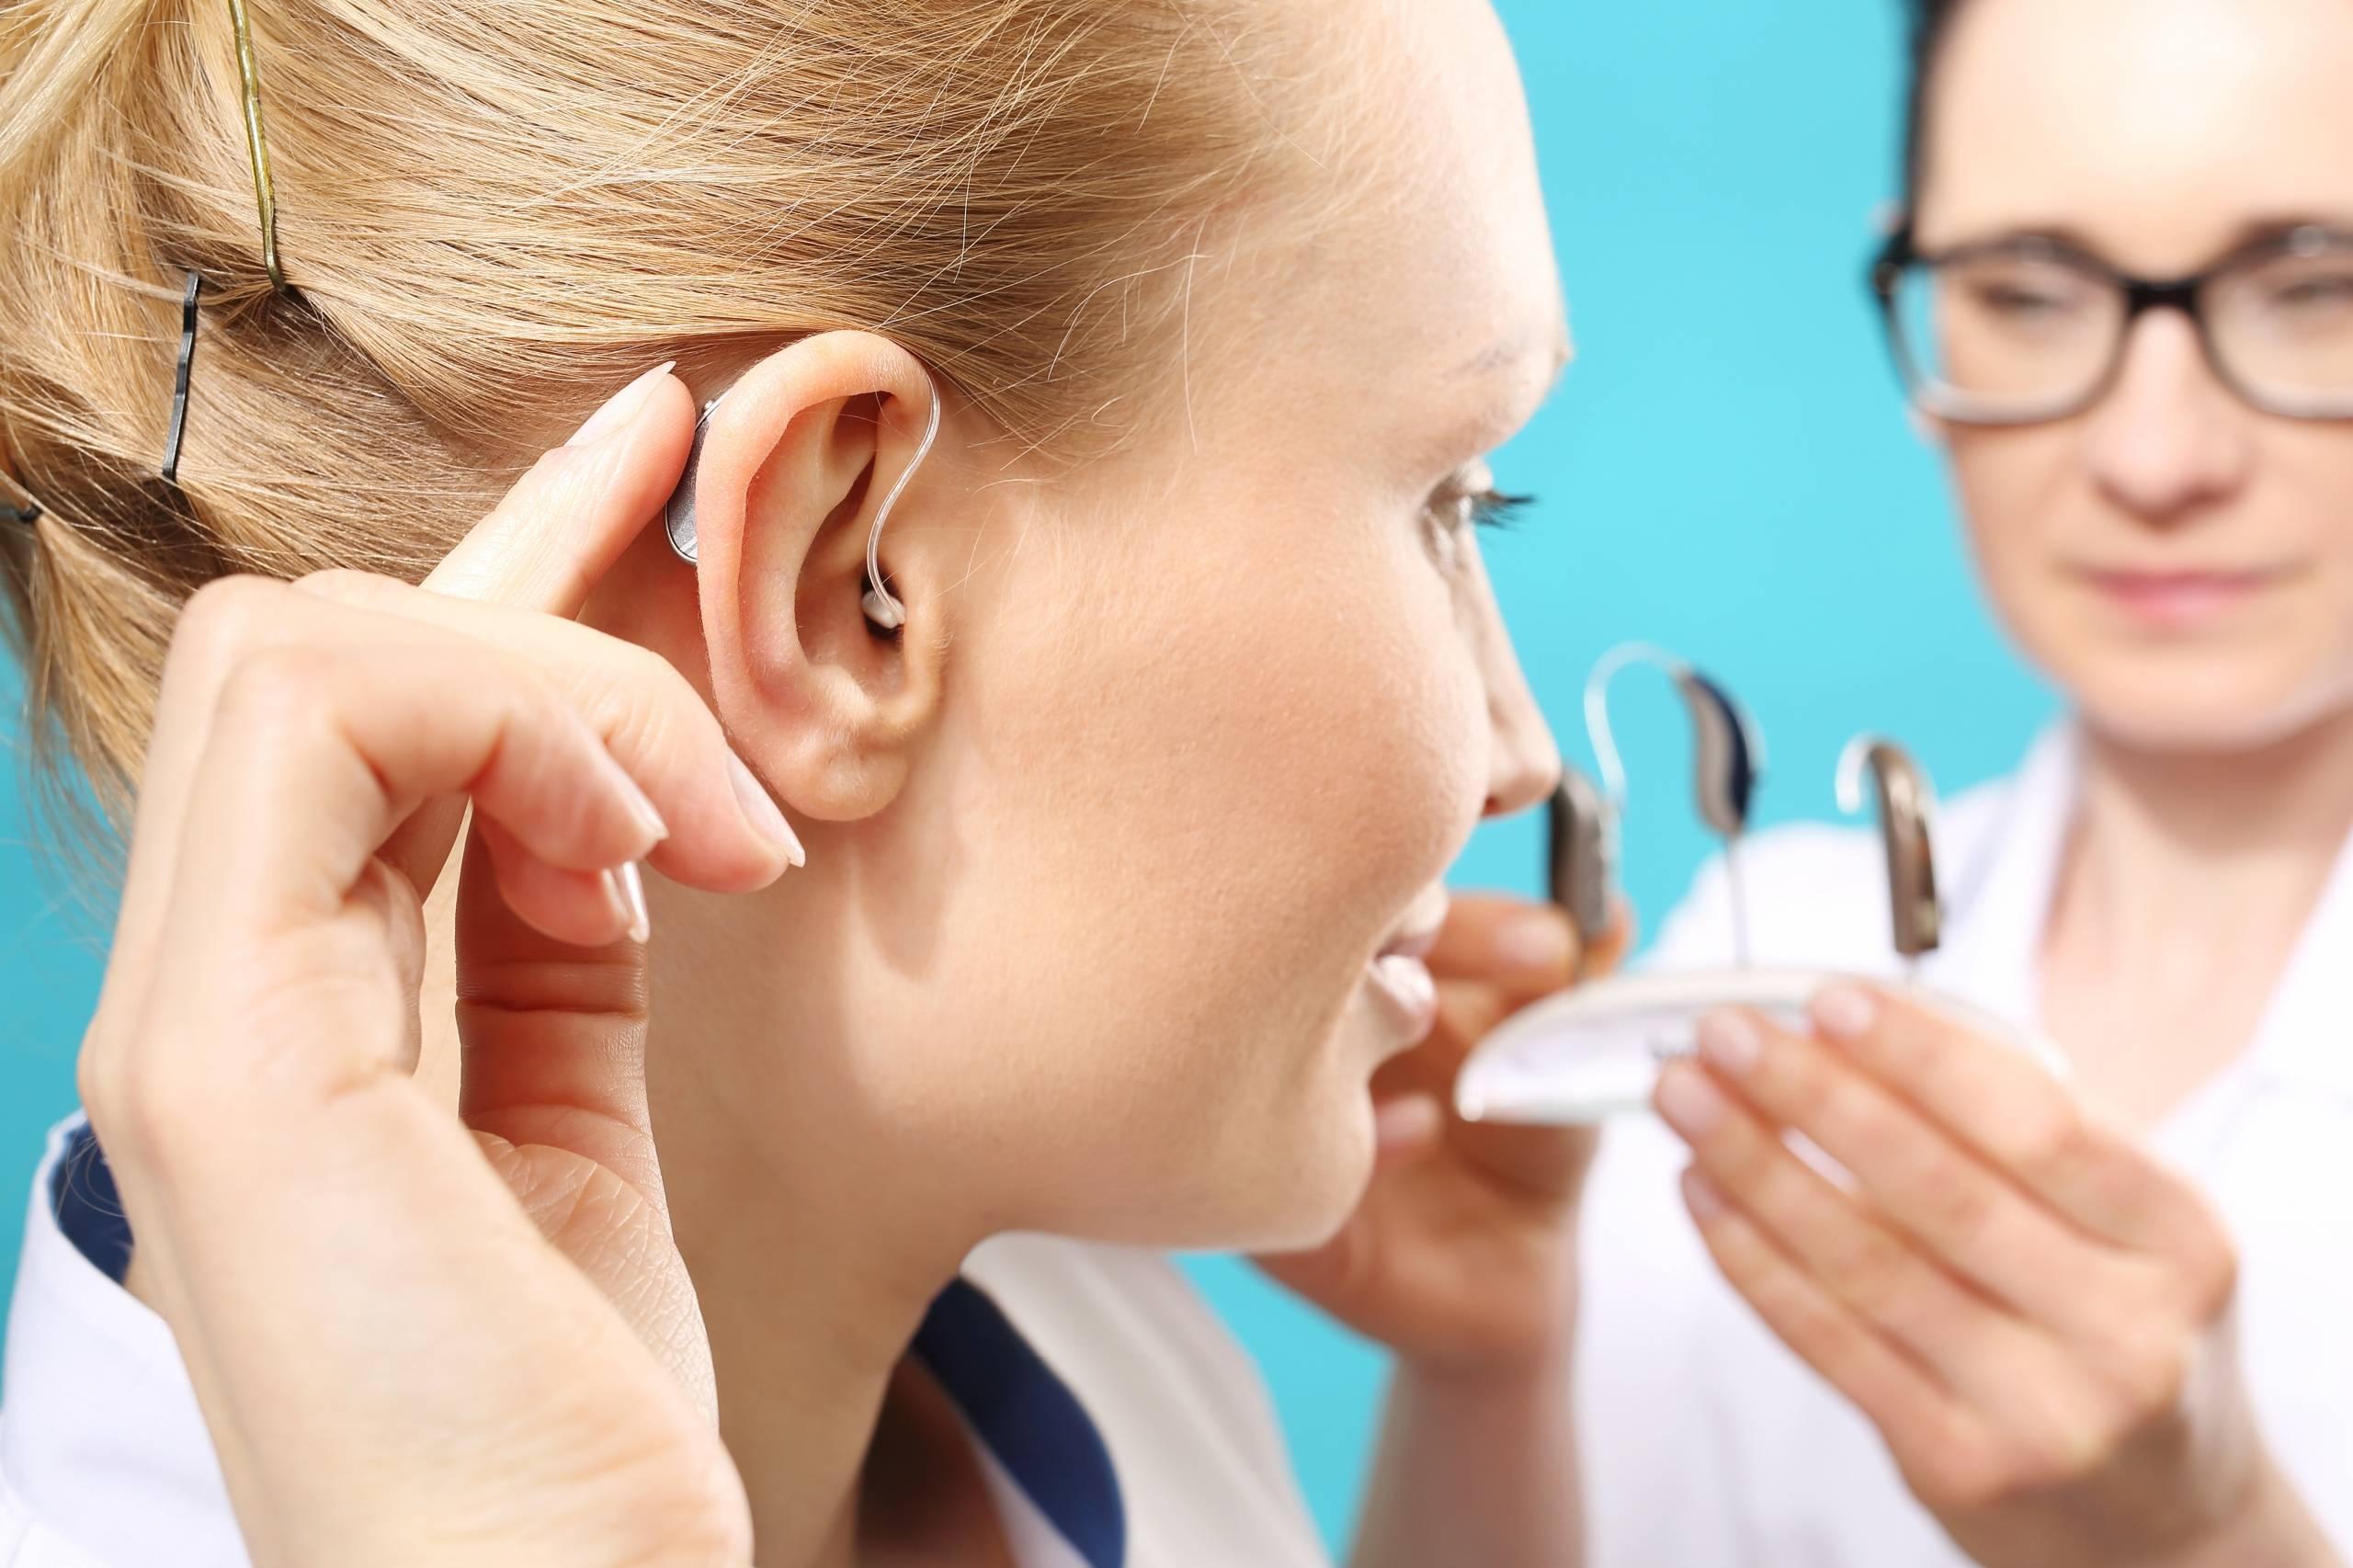 что делать если не слышит одно ухо